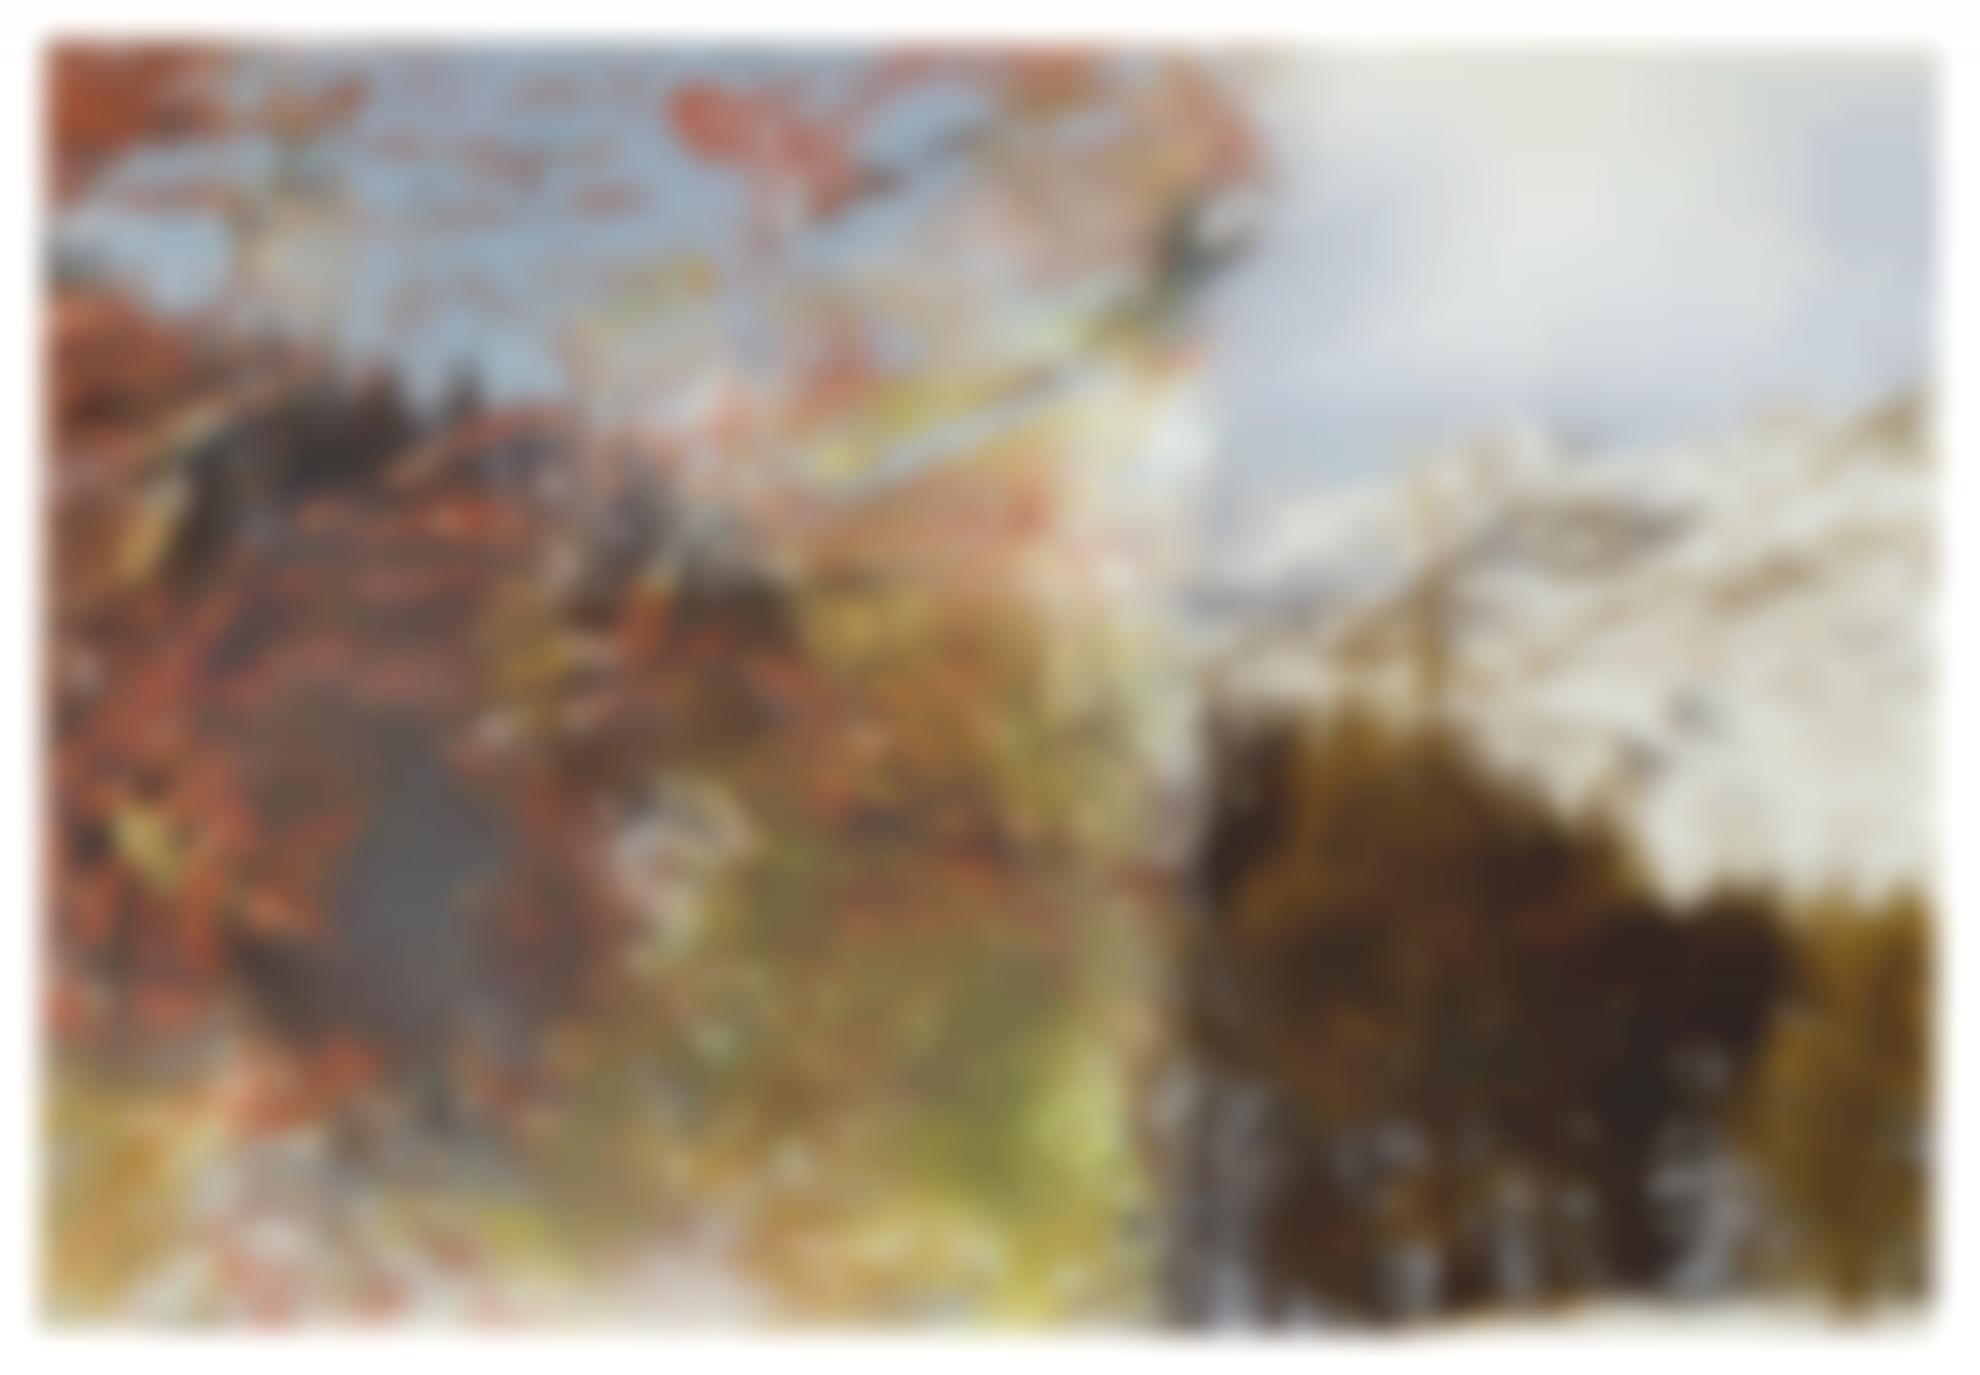 Gerhard Richter-Untitled (20.4.89)-1989